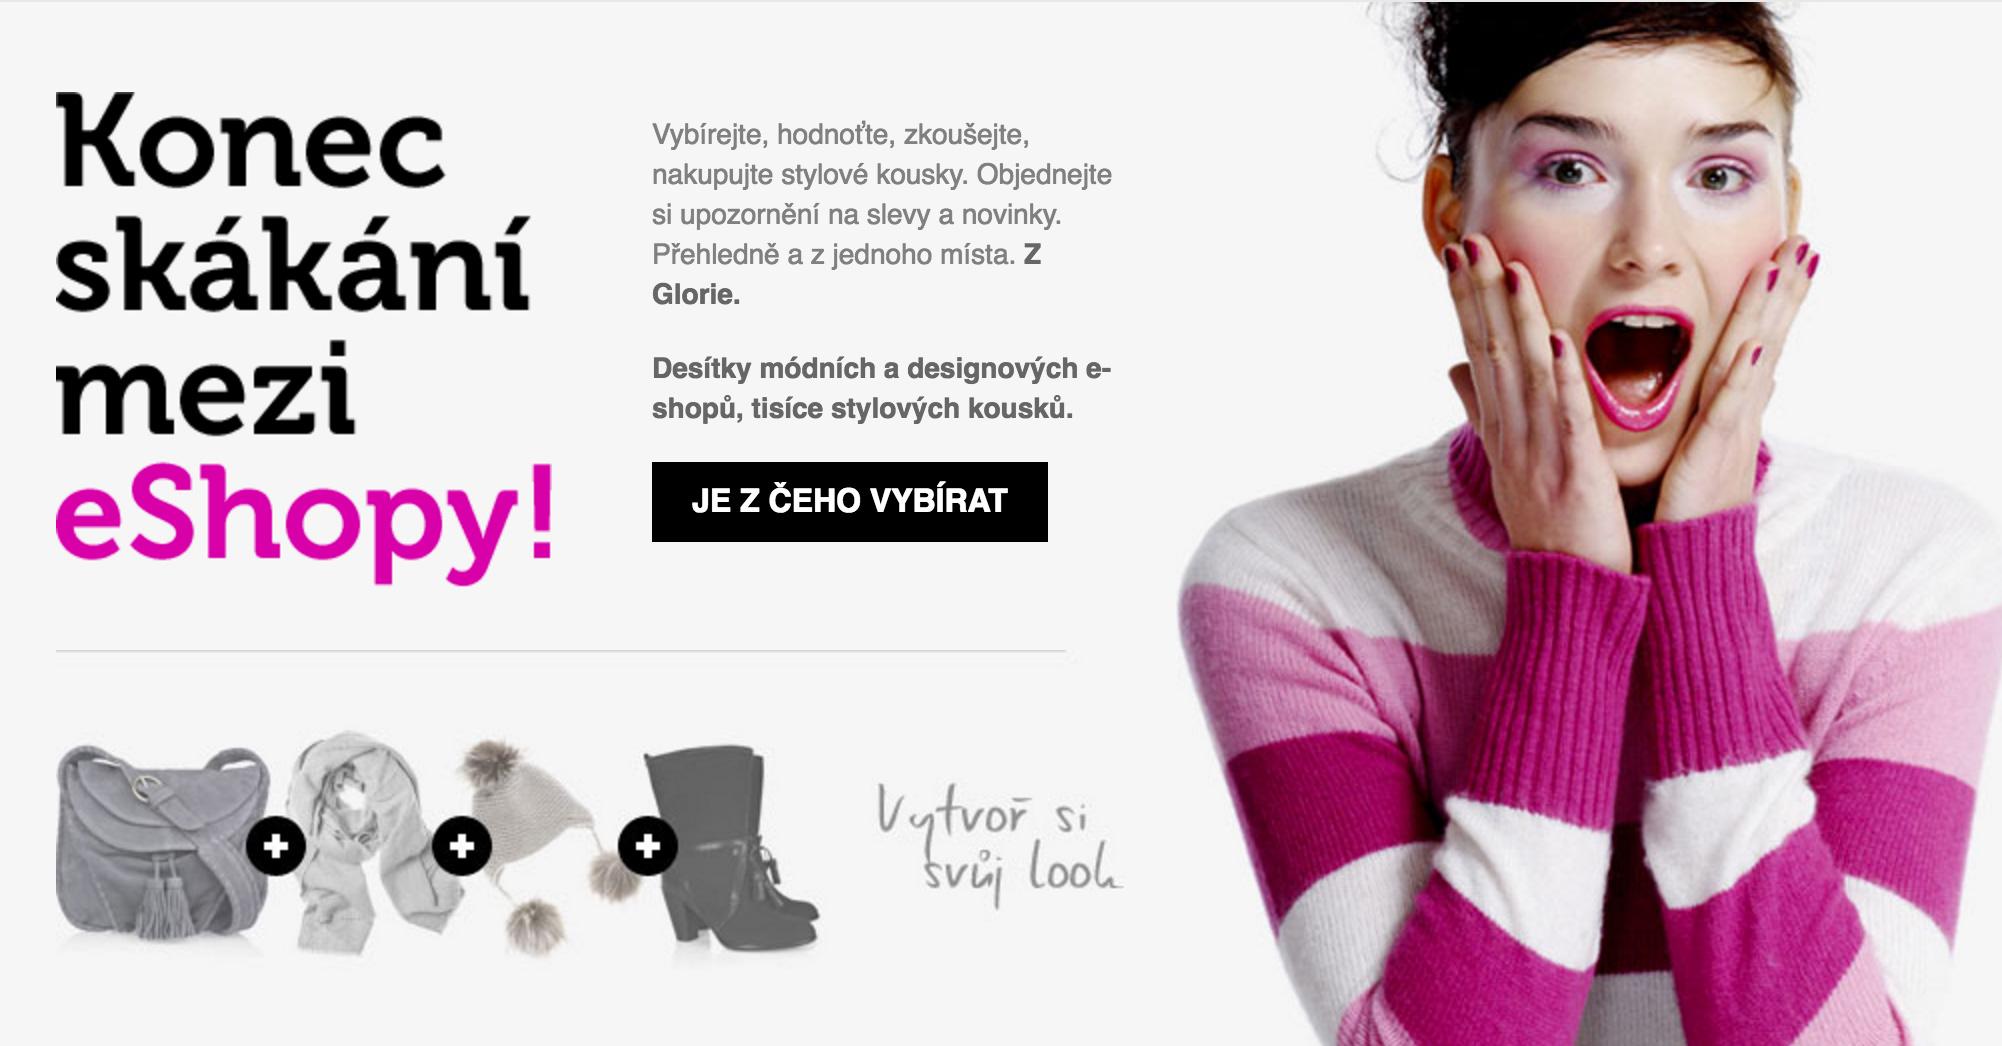 Mé představení startupu Glorie.cz - sociální síť internetového módního nakupování